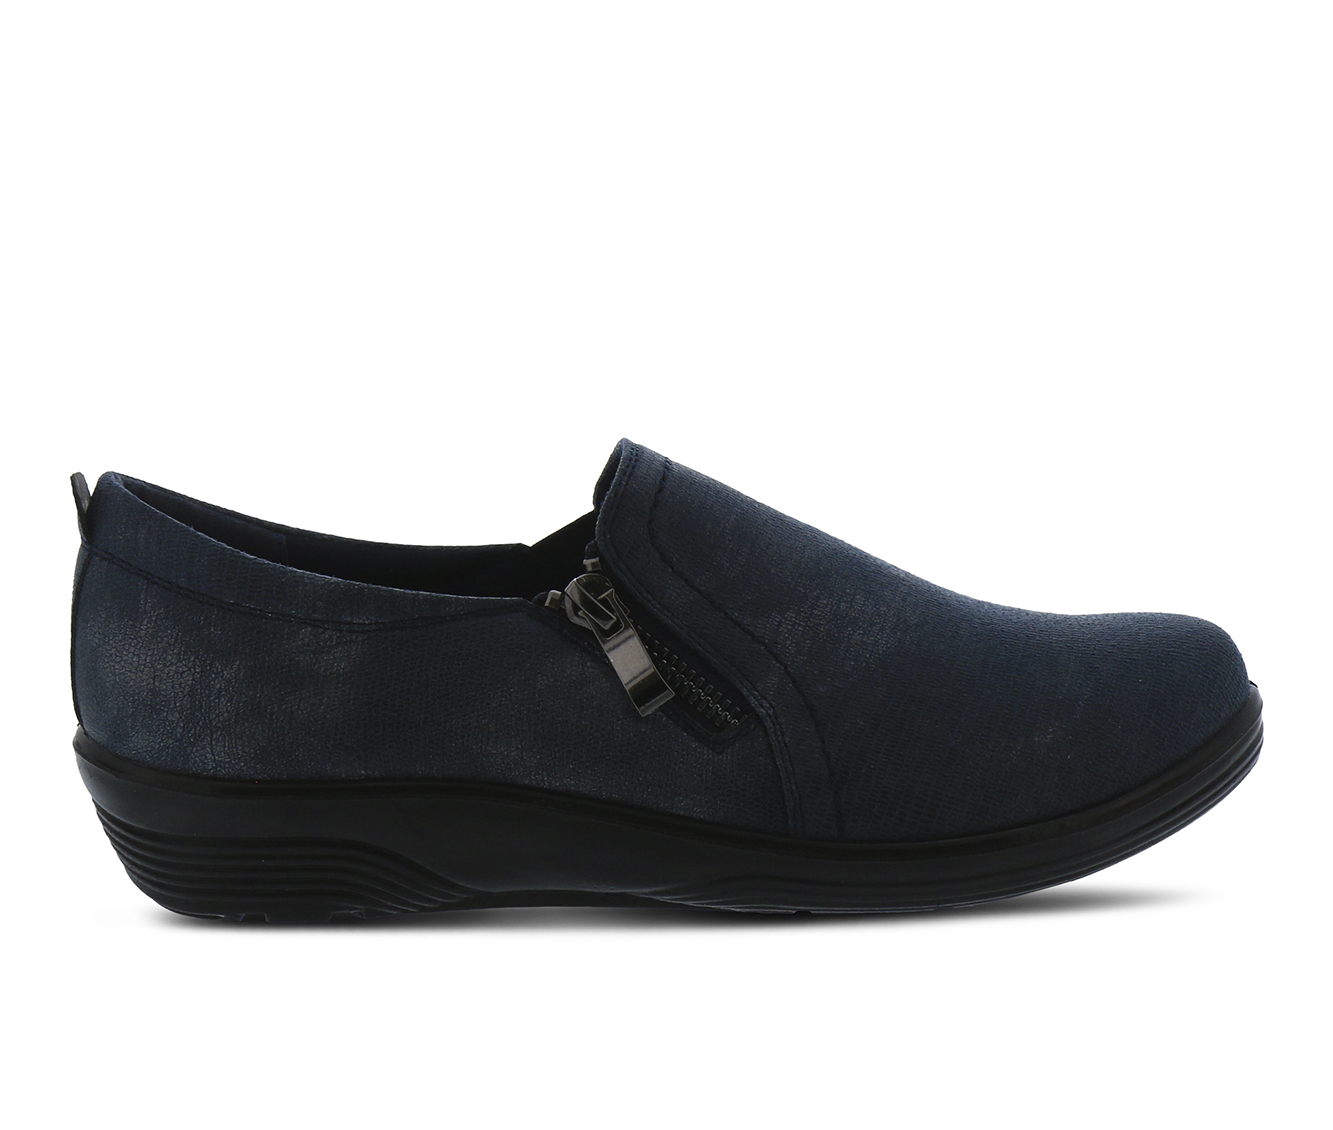 Flexus Mandiella Women's Shoe (Blue Faux Leather)